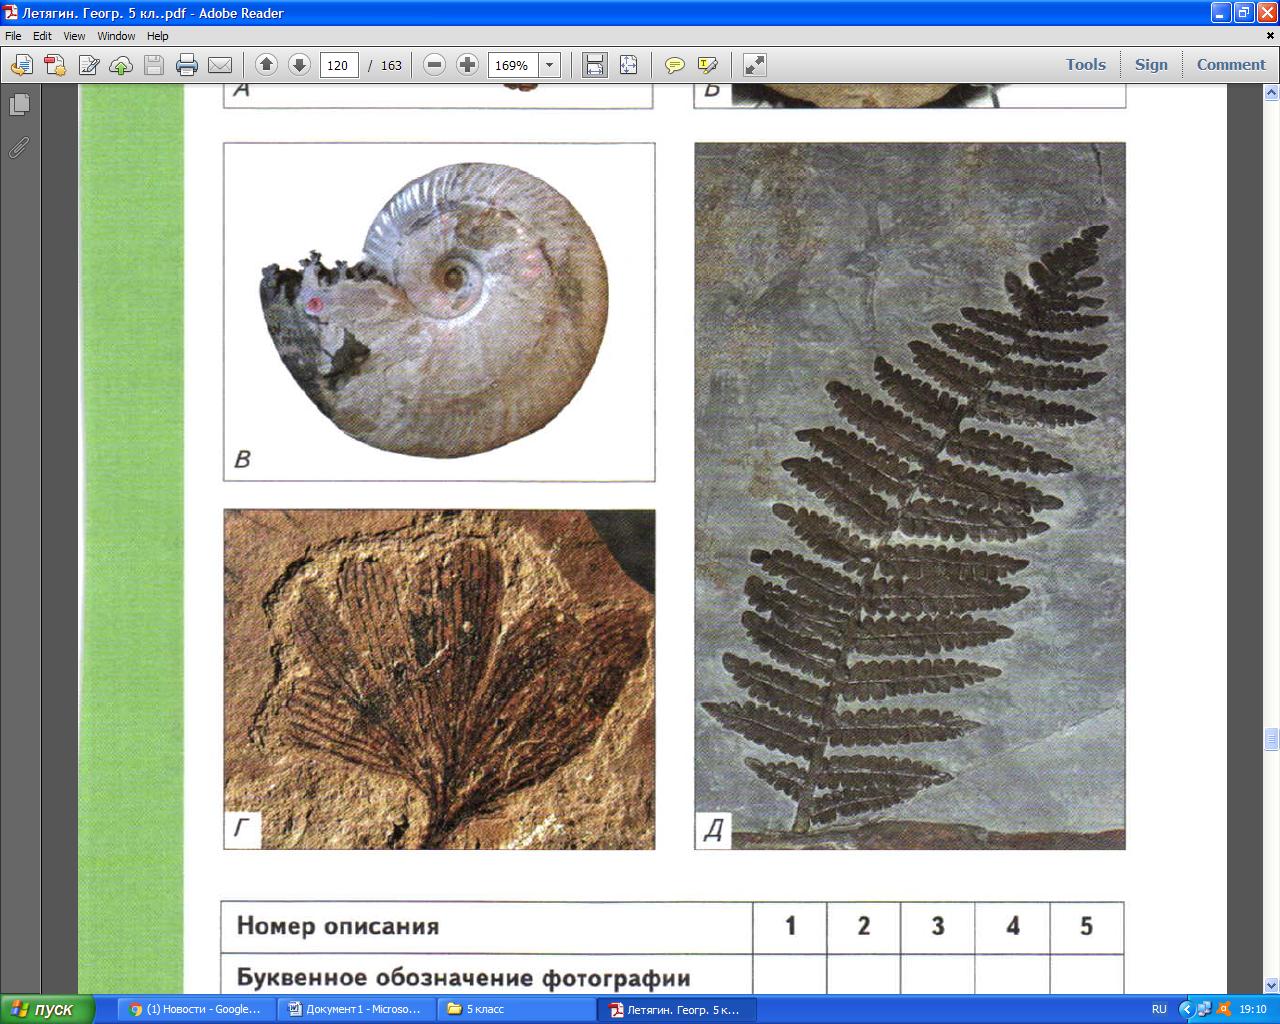 Контрольная работа по географии по теме Биосфера в формате ГИА  Контрольная работа по географии по теме Биосфера в формате ГИА 5 класс